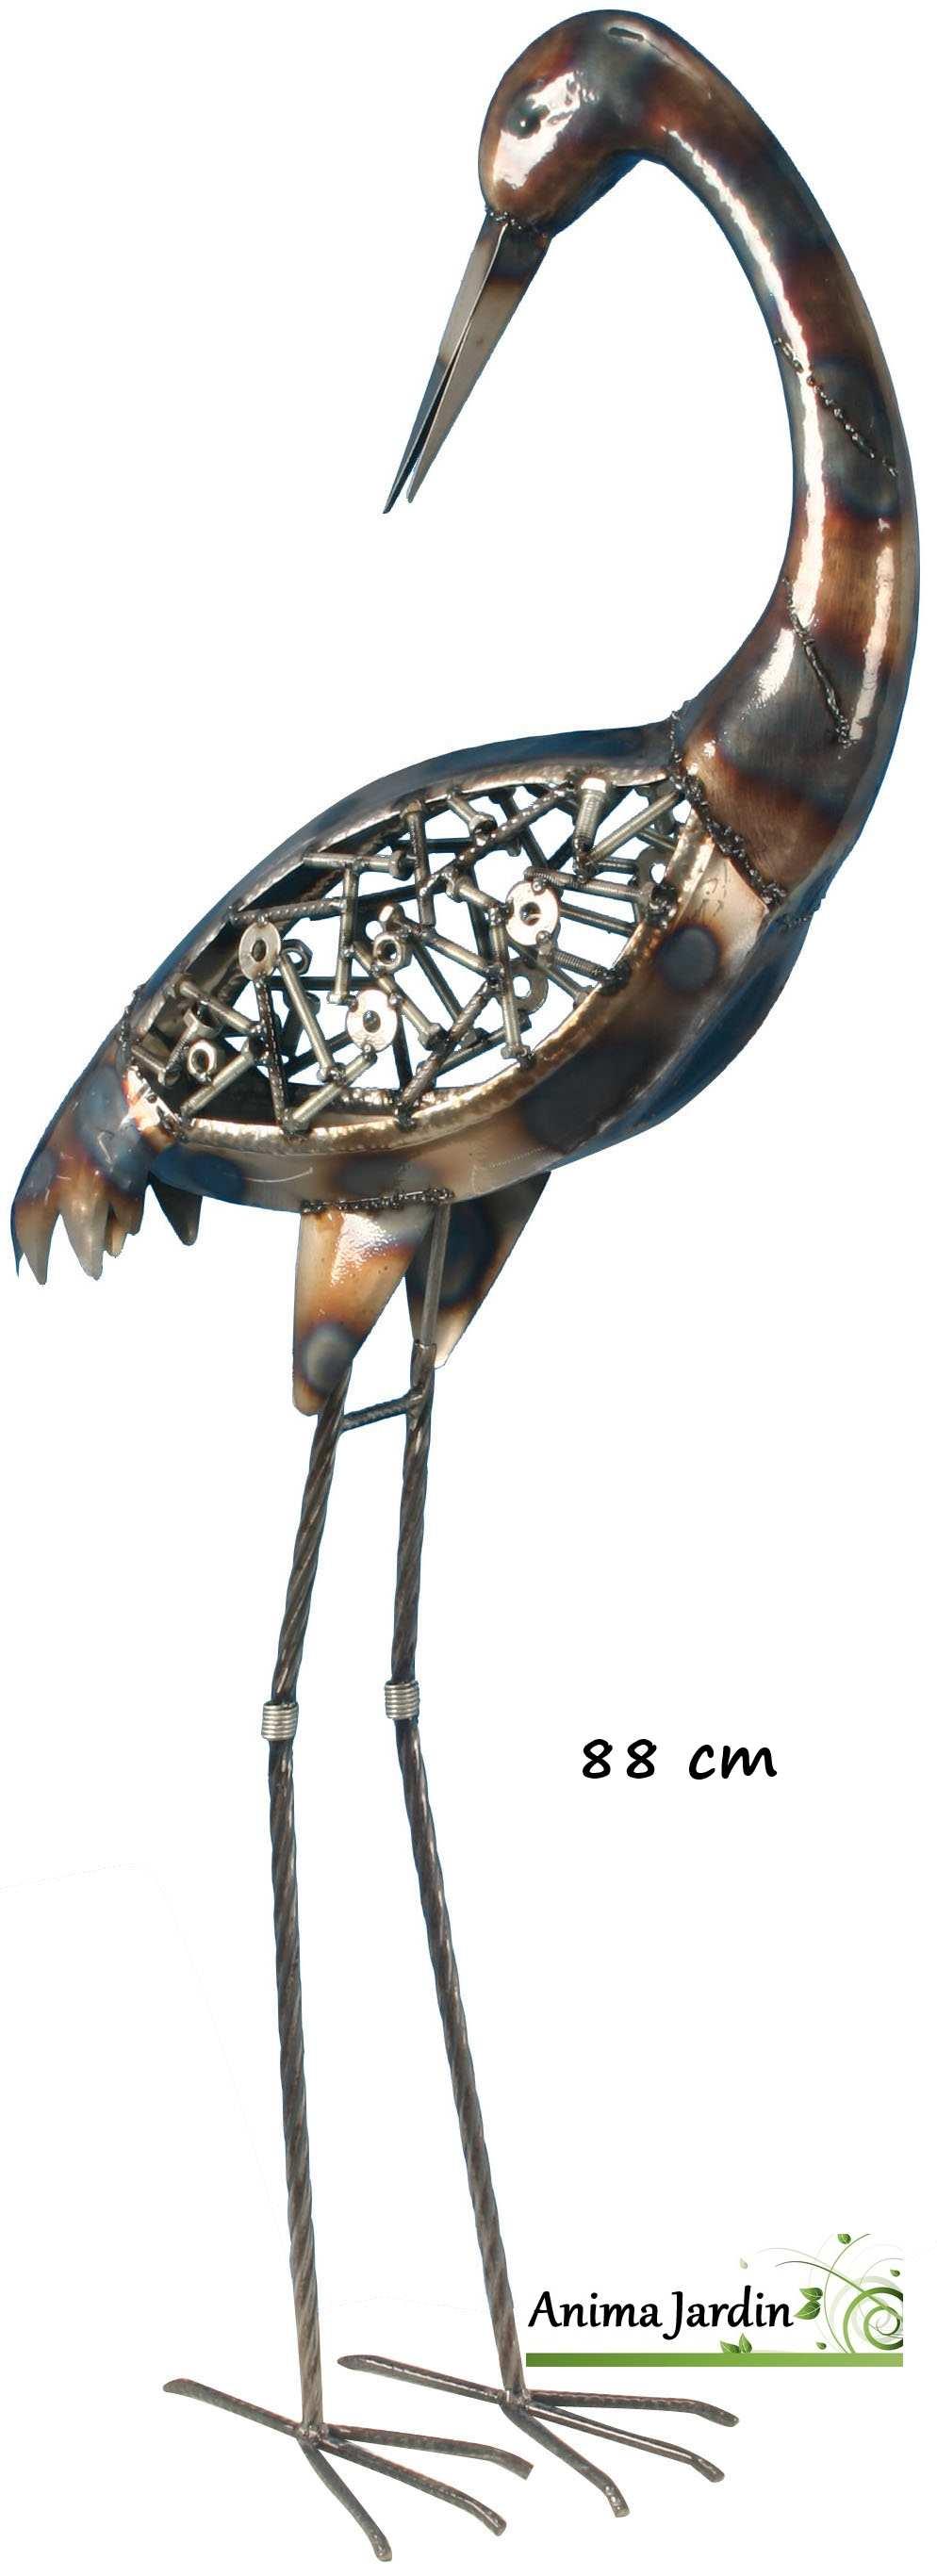 Héron-boulon-88cm-métal-anima-jardin.fr